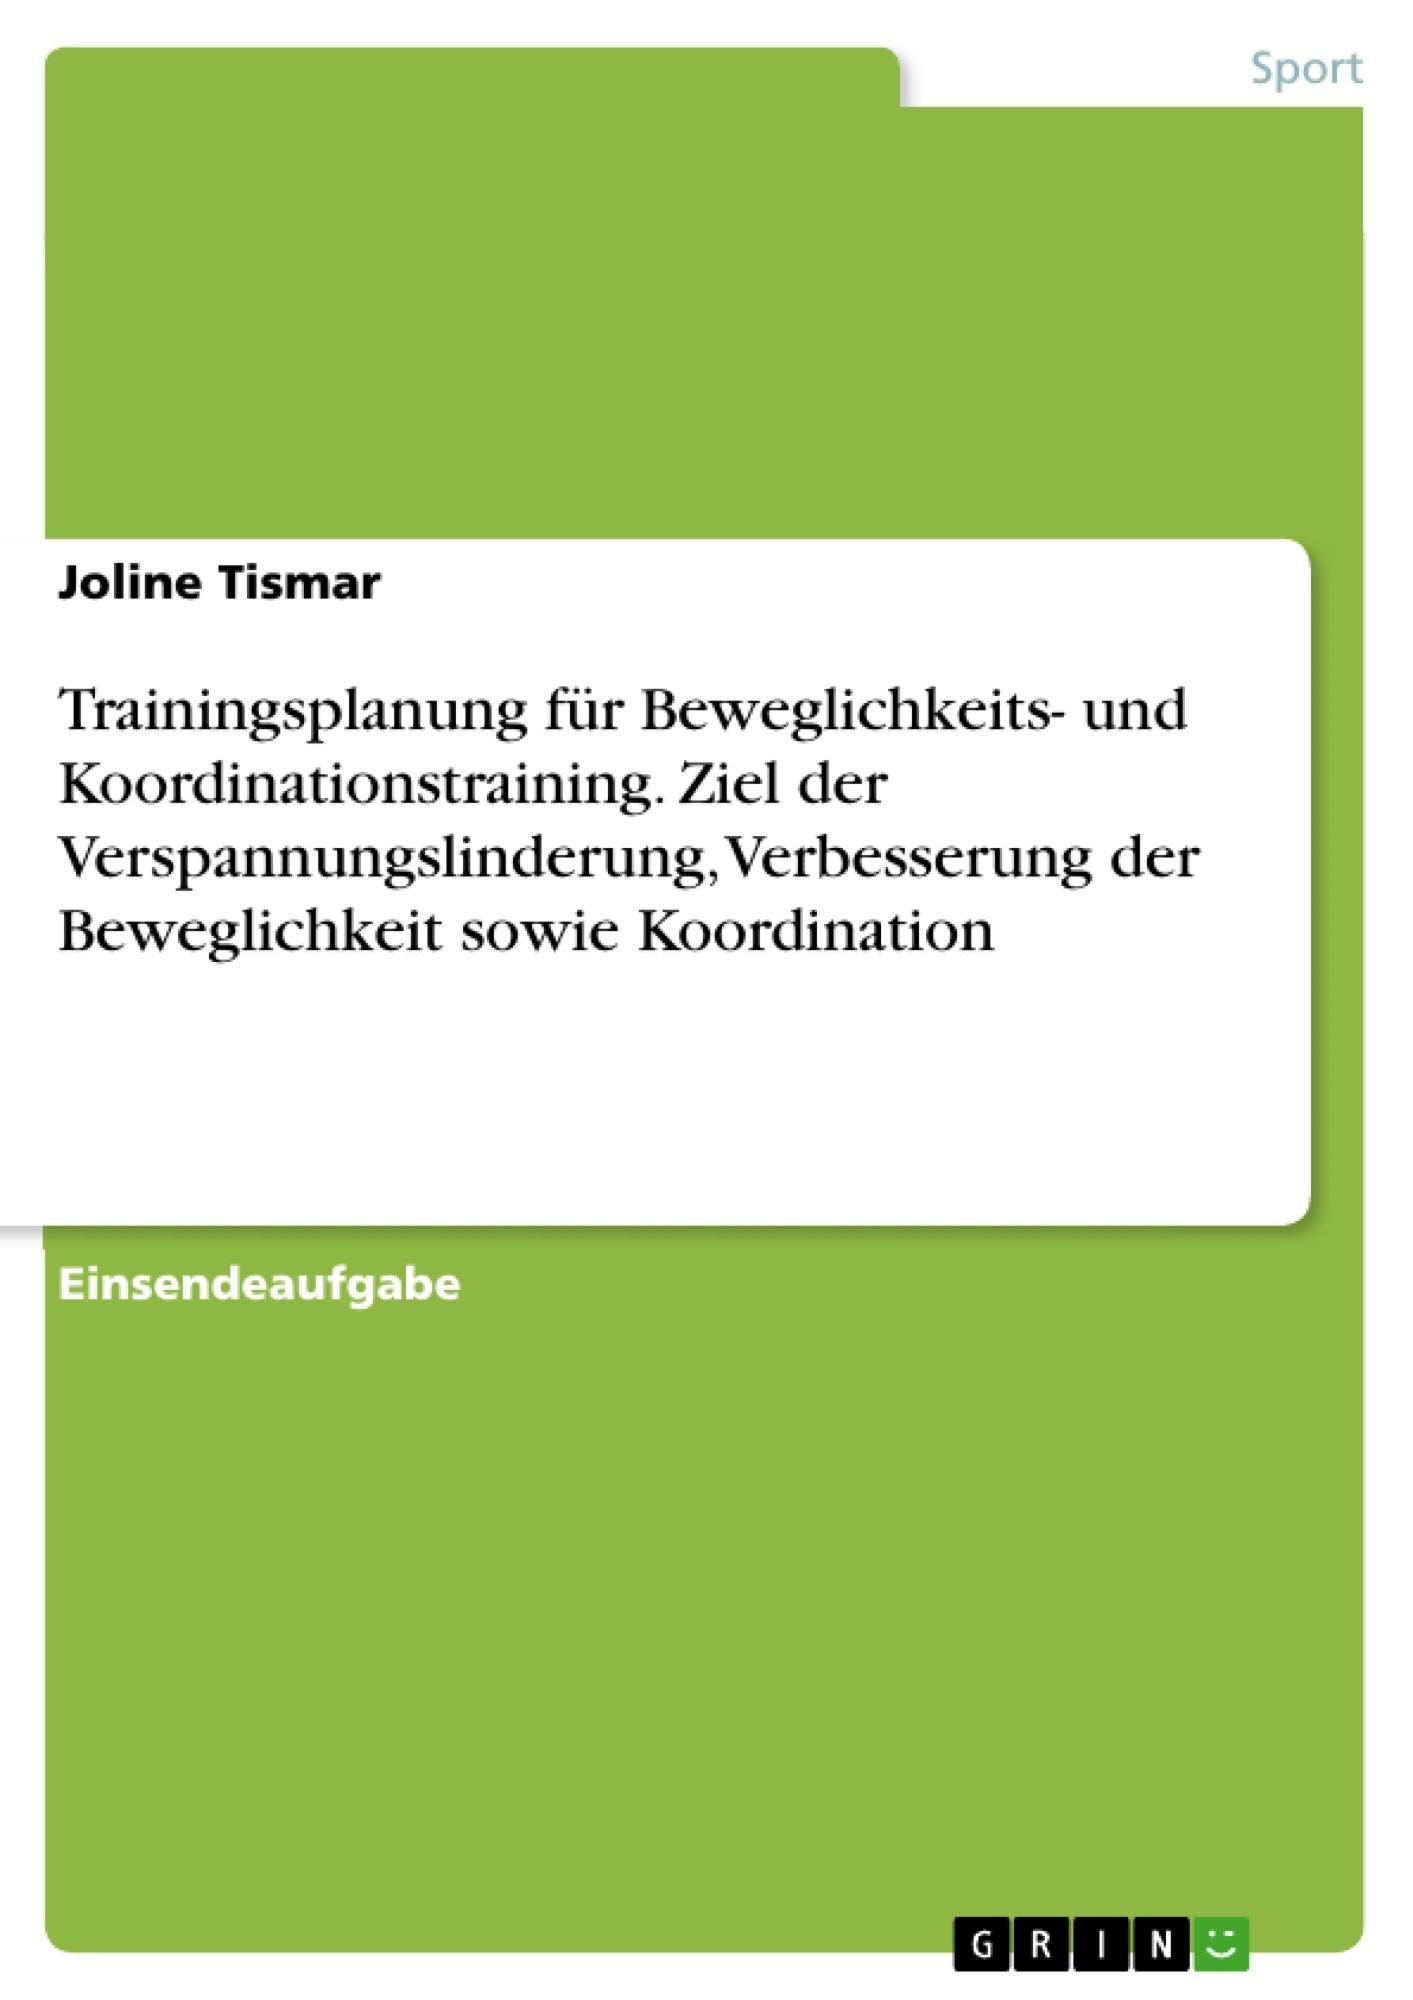 Titel: Trainingsplanung für Beweglichkeits- und Koordinationstraining. Ziel der Verspannungslinderung, Verbesserung der Beweglichkeit sowie Koordination